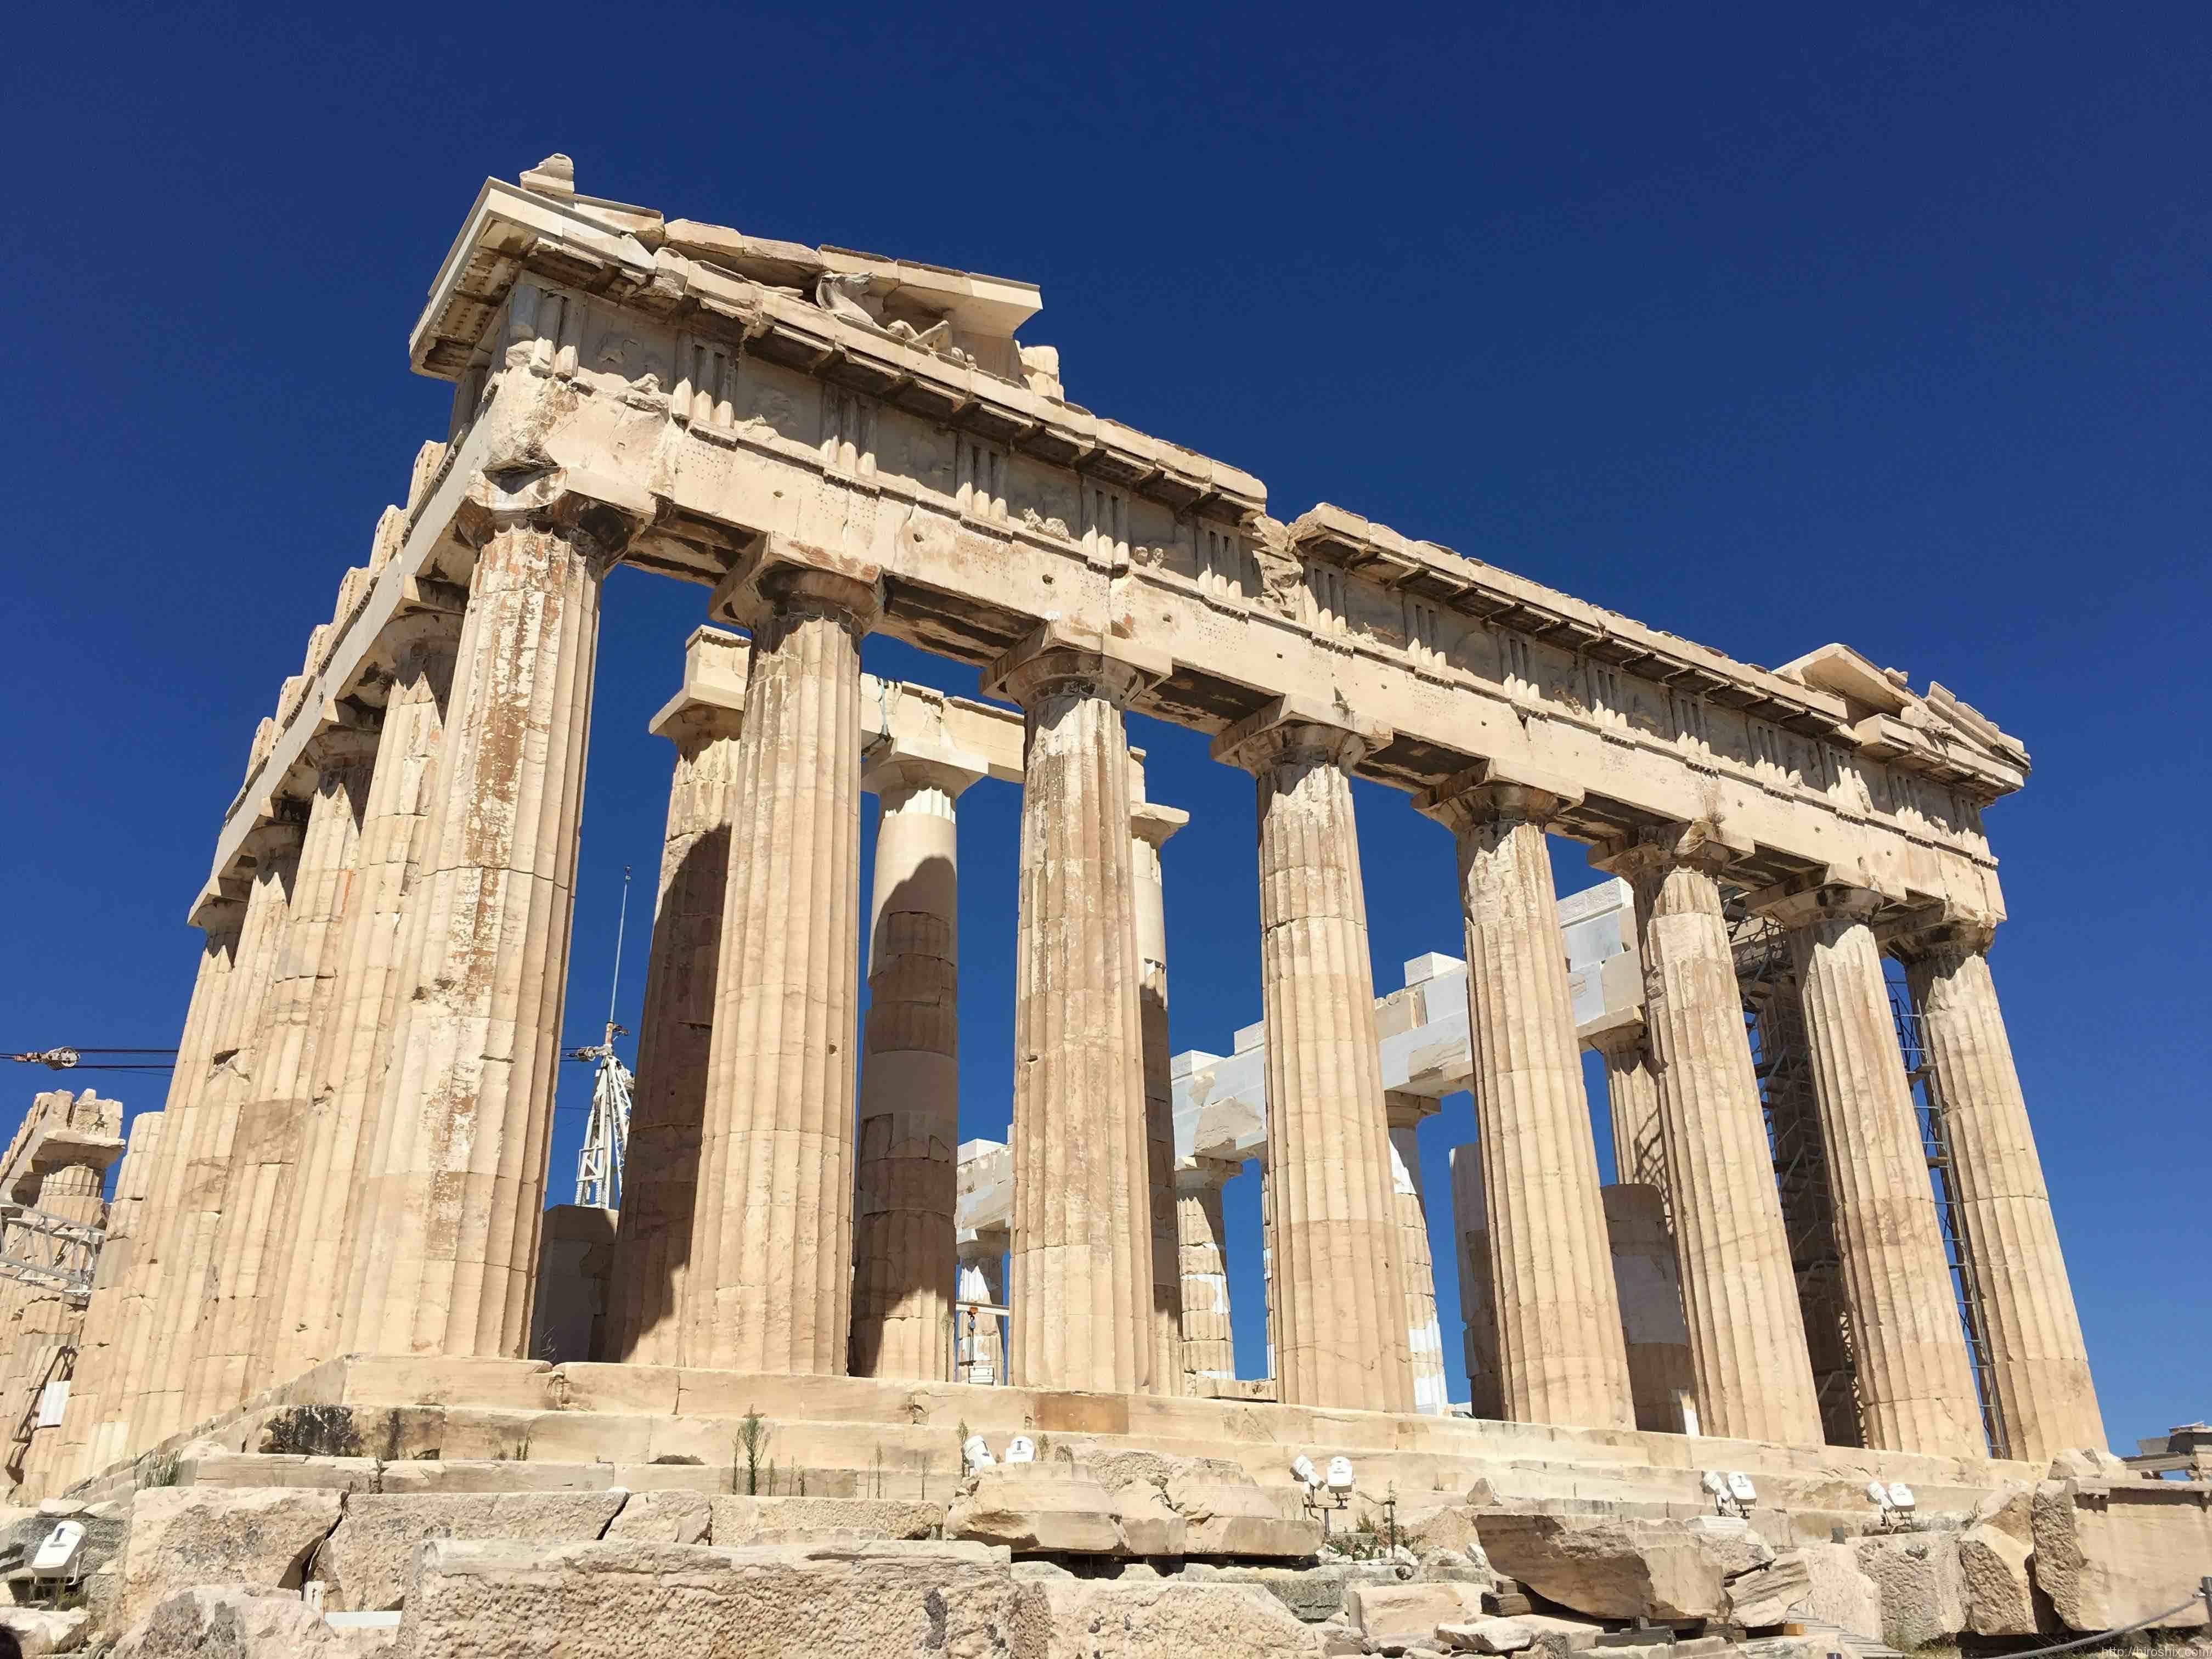 アクロポリス遺跡。パルテノン神殿で強大な小宇宙を感じる